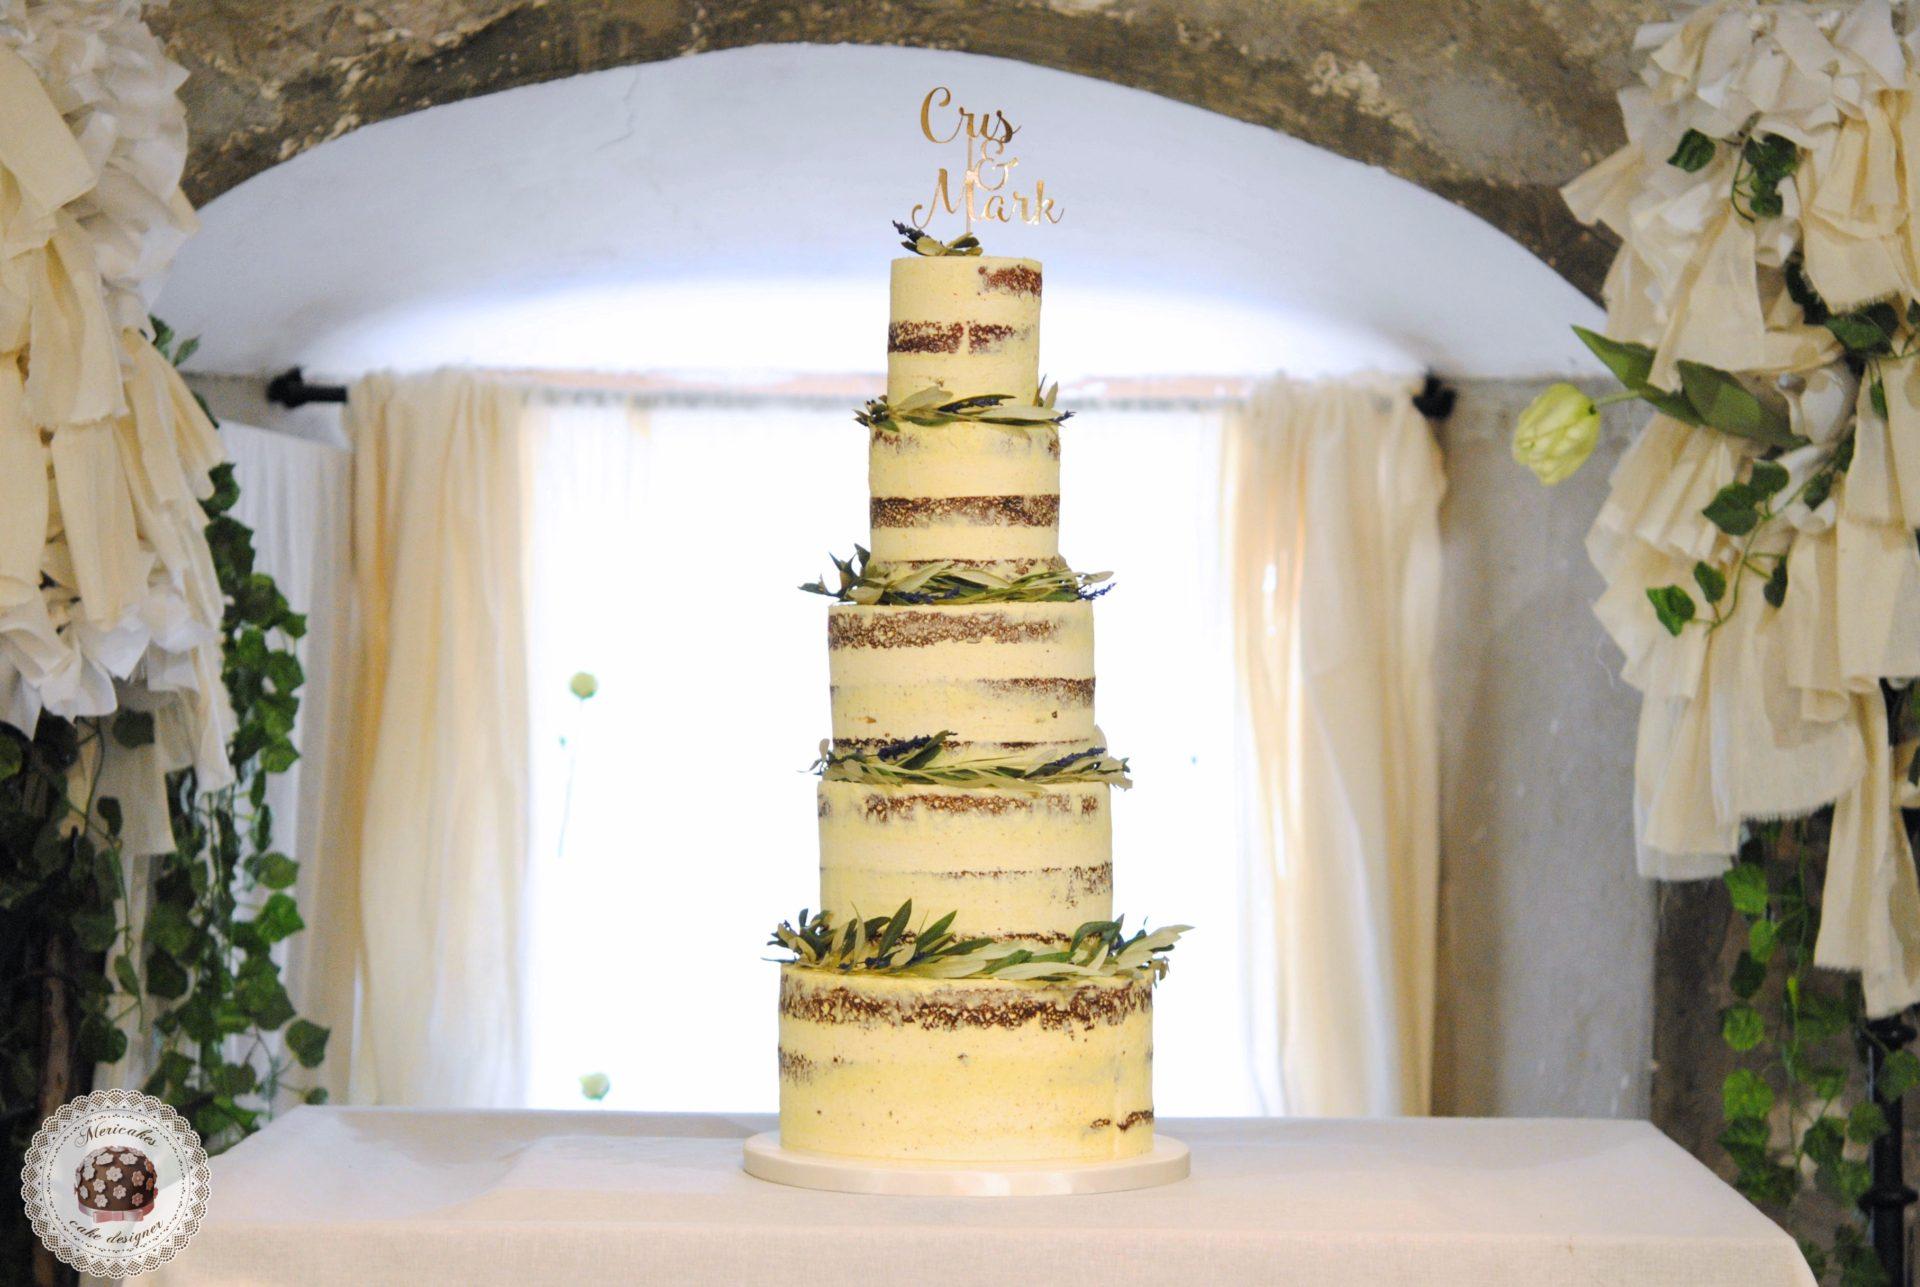 wedding-cake-tarta-de-boda-semi-naked-cake-mericakes-olive-lavander-red-velvet-lemond-curd-cake-topper-tarta-de-boda-pastry-tartas-barcelona-spain-wedding-naked-cake